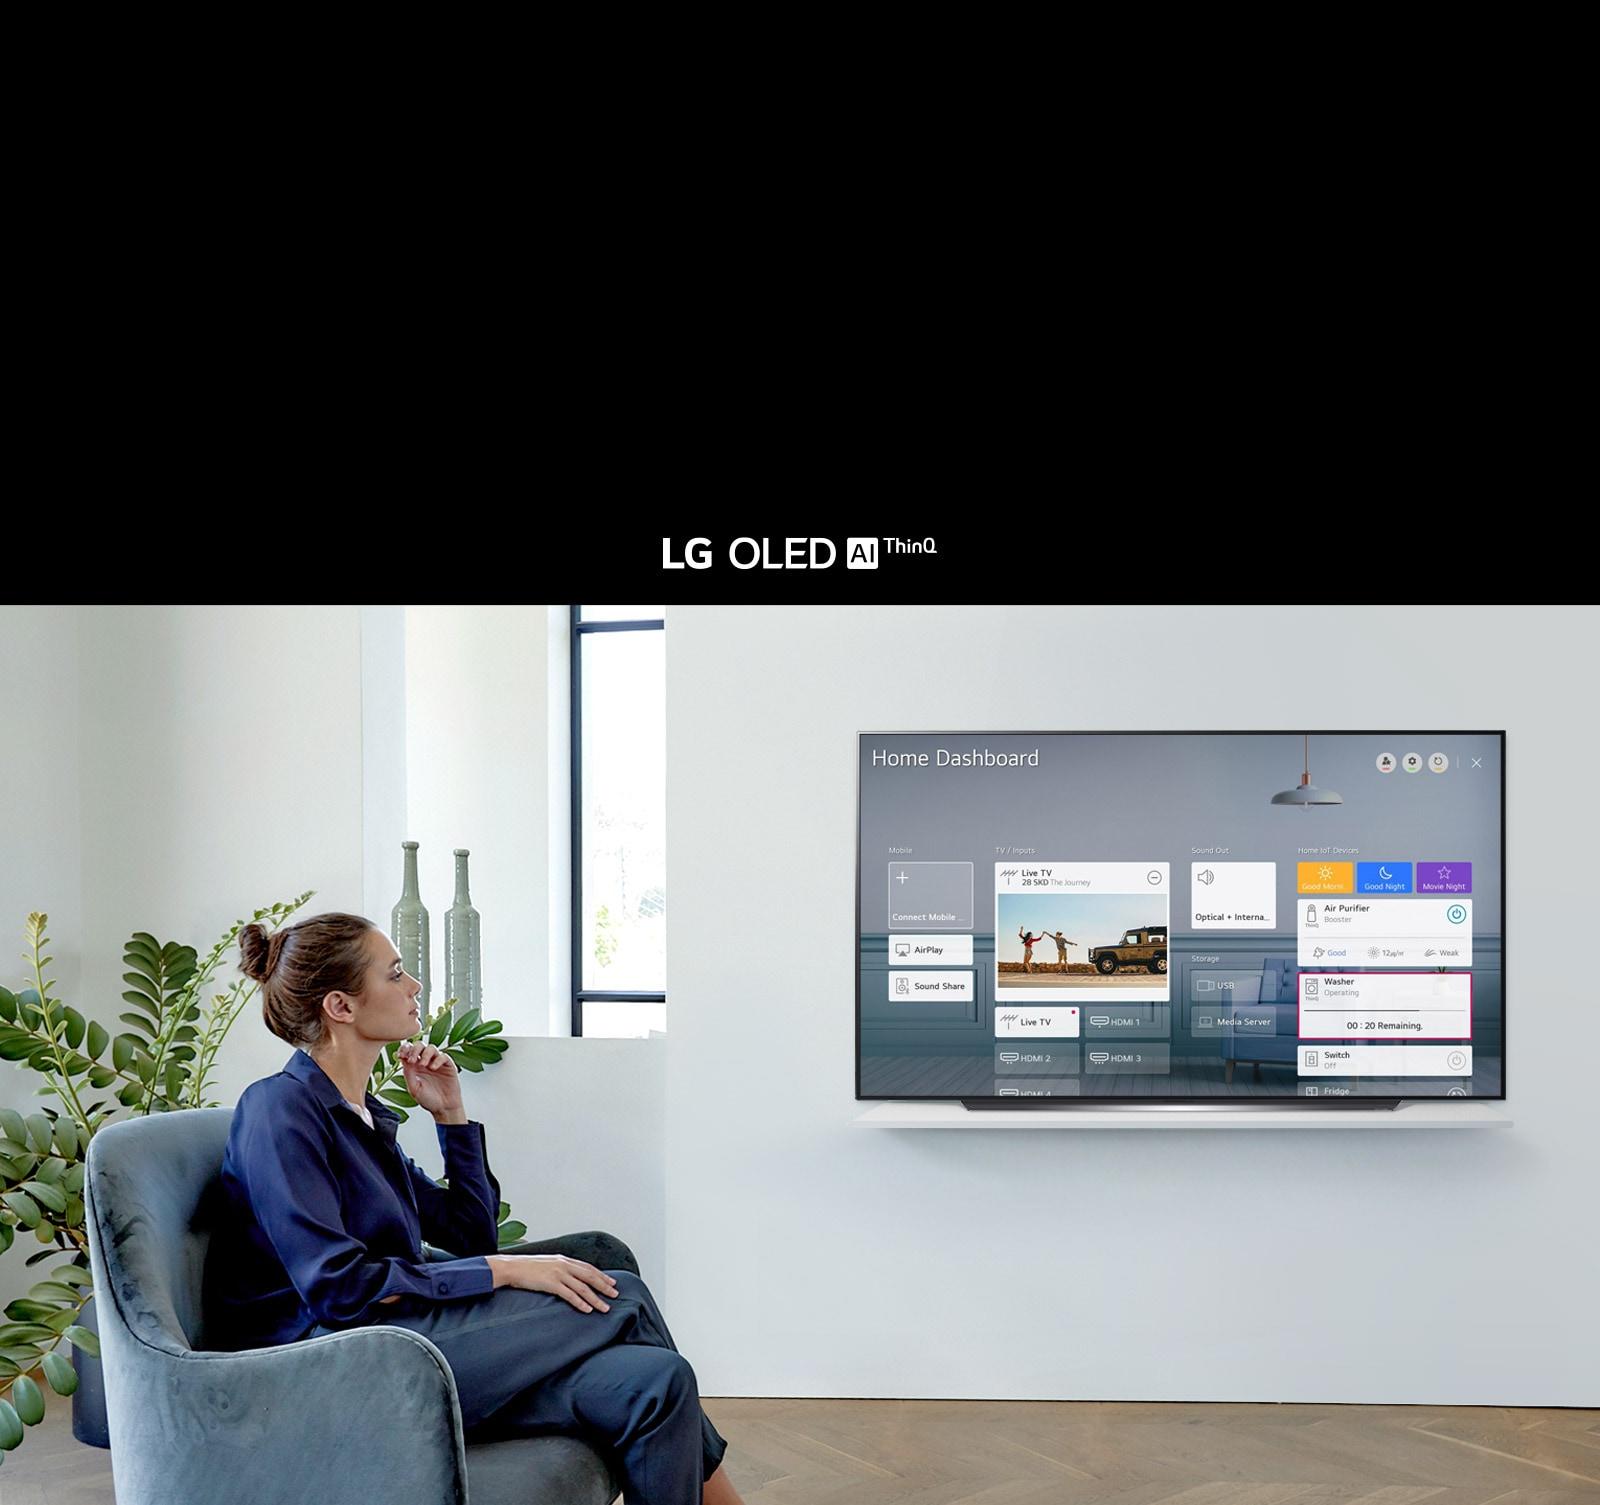 ทีวีที่นำหน้าไปอีกขั้น1